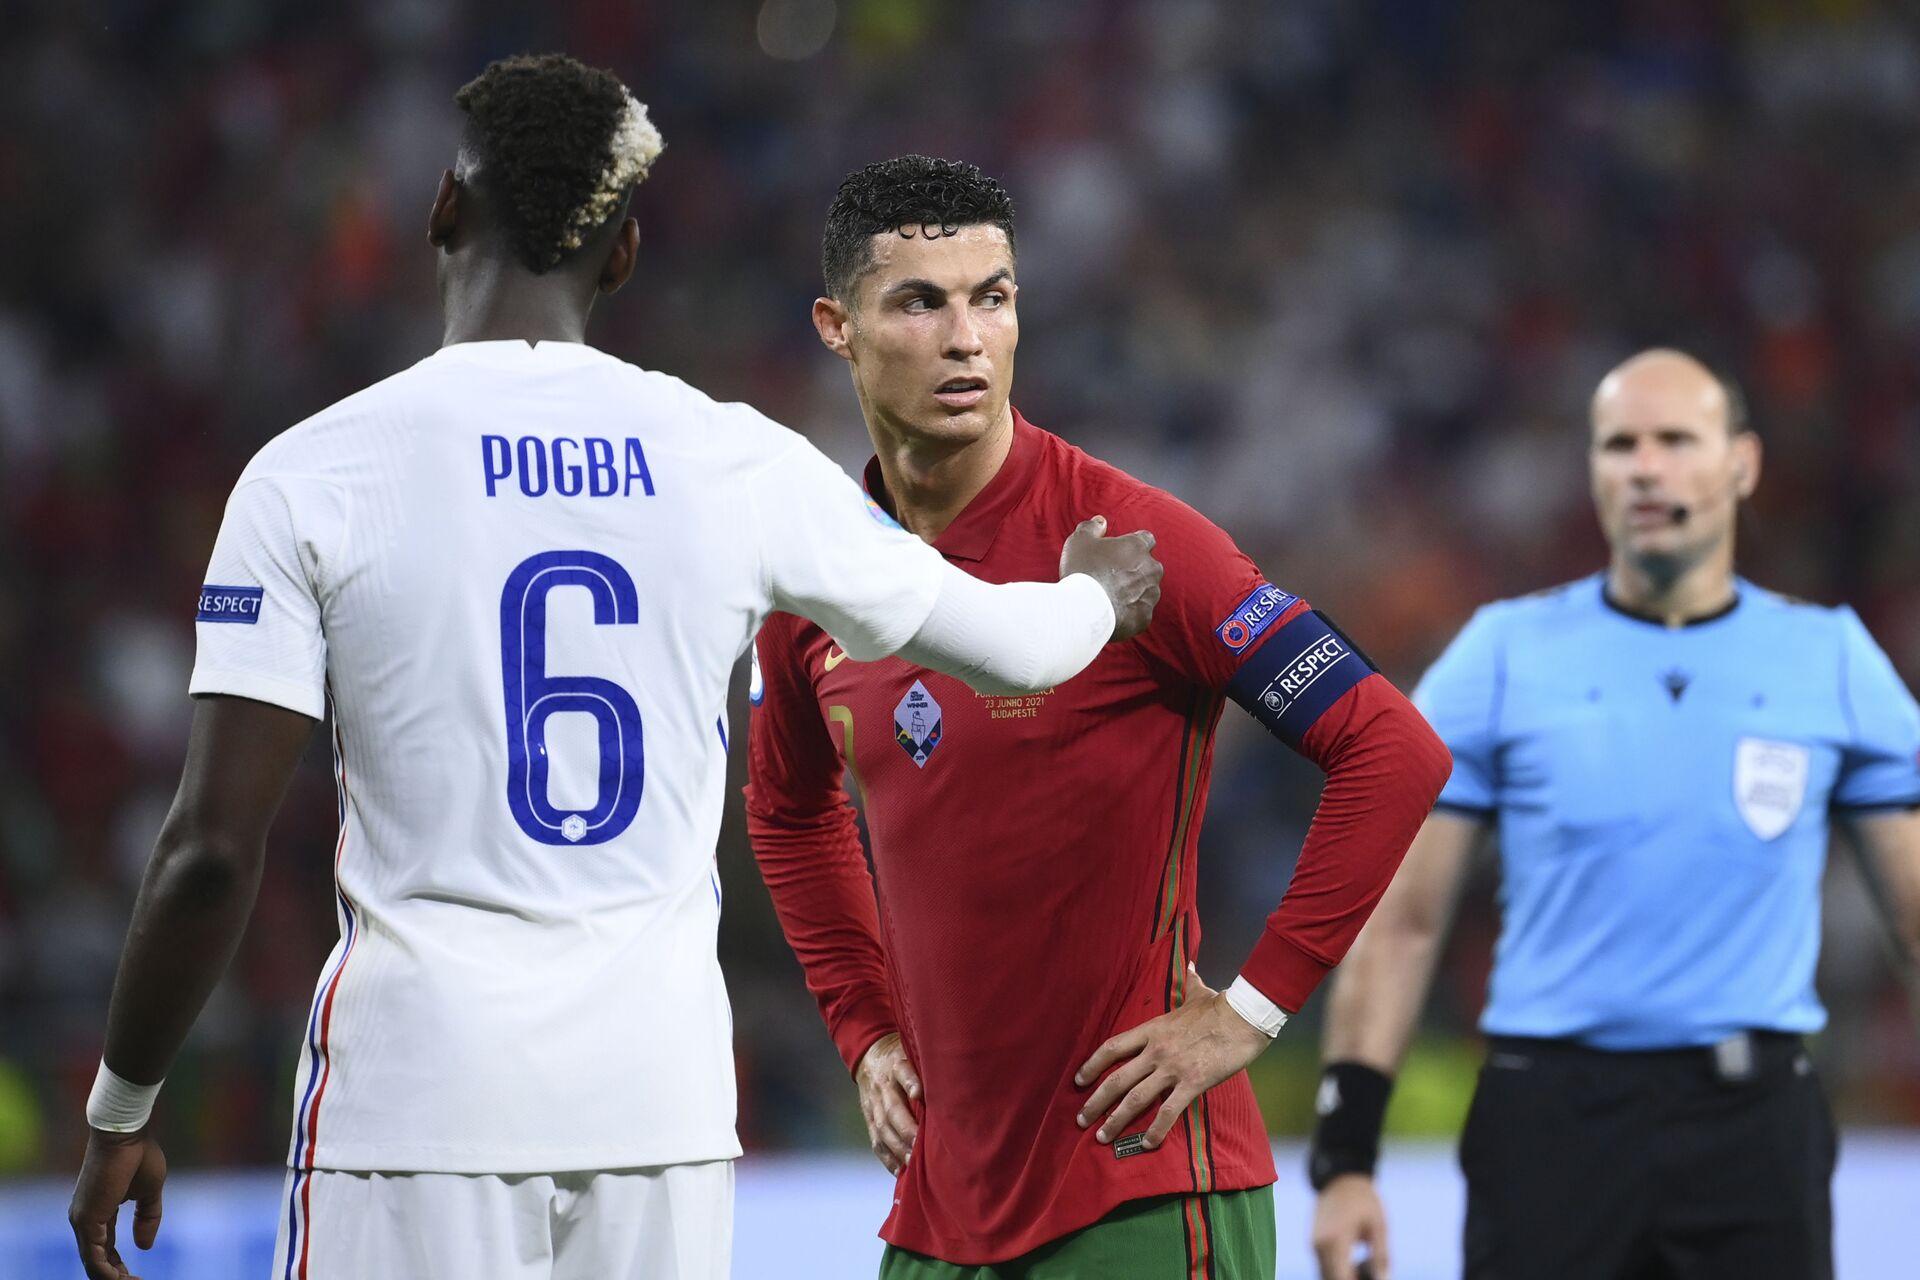 ЕURО 2020: Đội tuyển Bồ Đào Nha hòa đội tuyển Pháp với tỷ số 2:2 - Sputnik Việt Nam, 1920, 24.06.2021